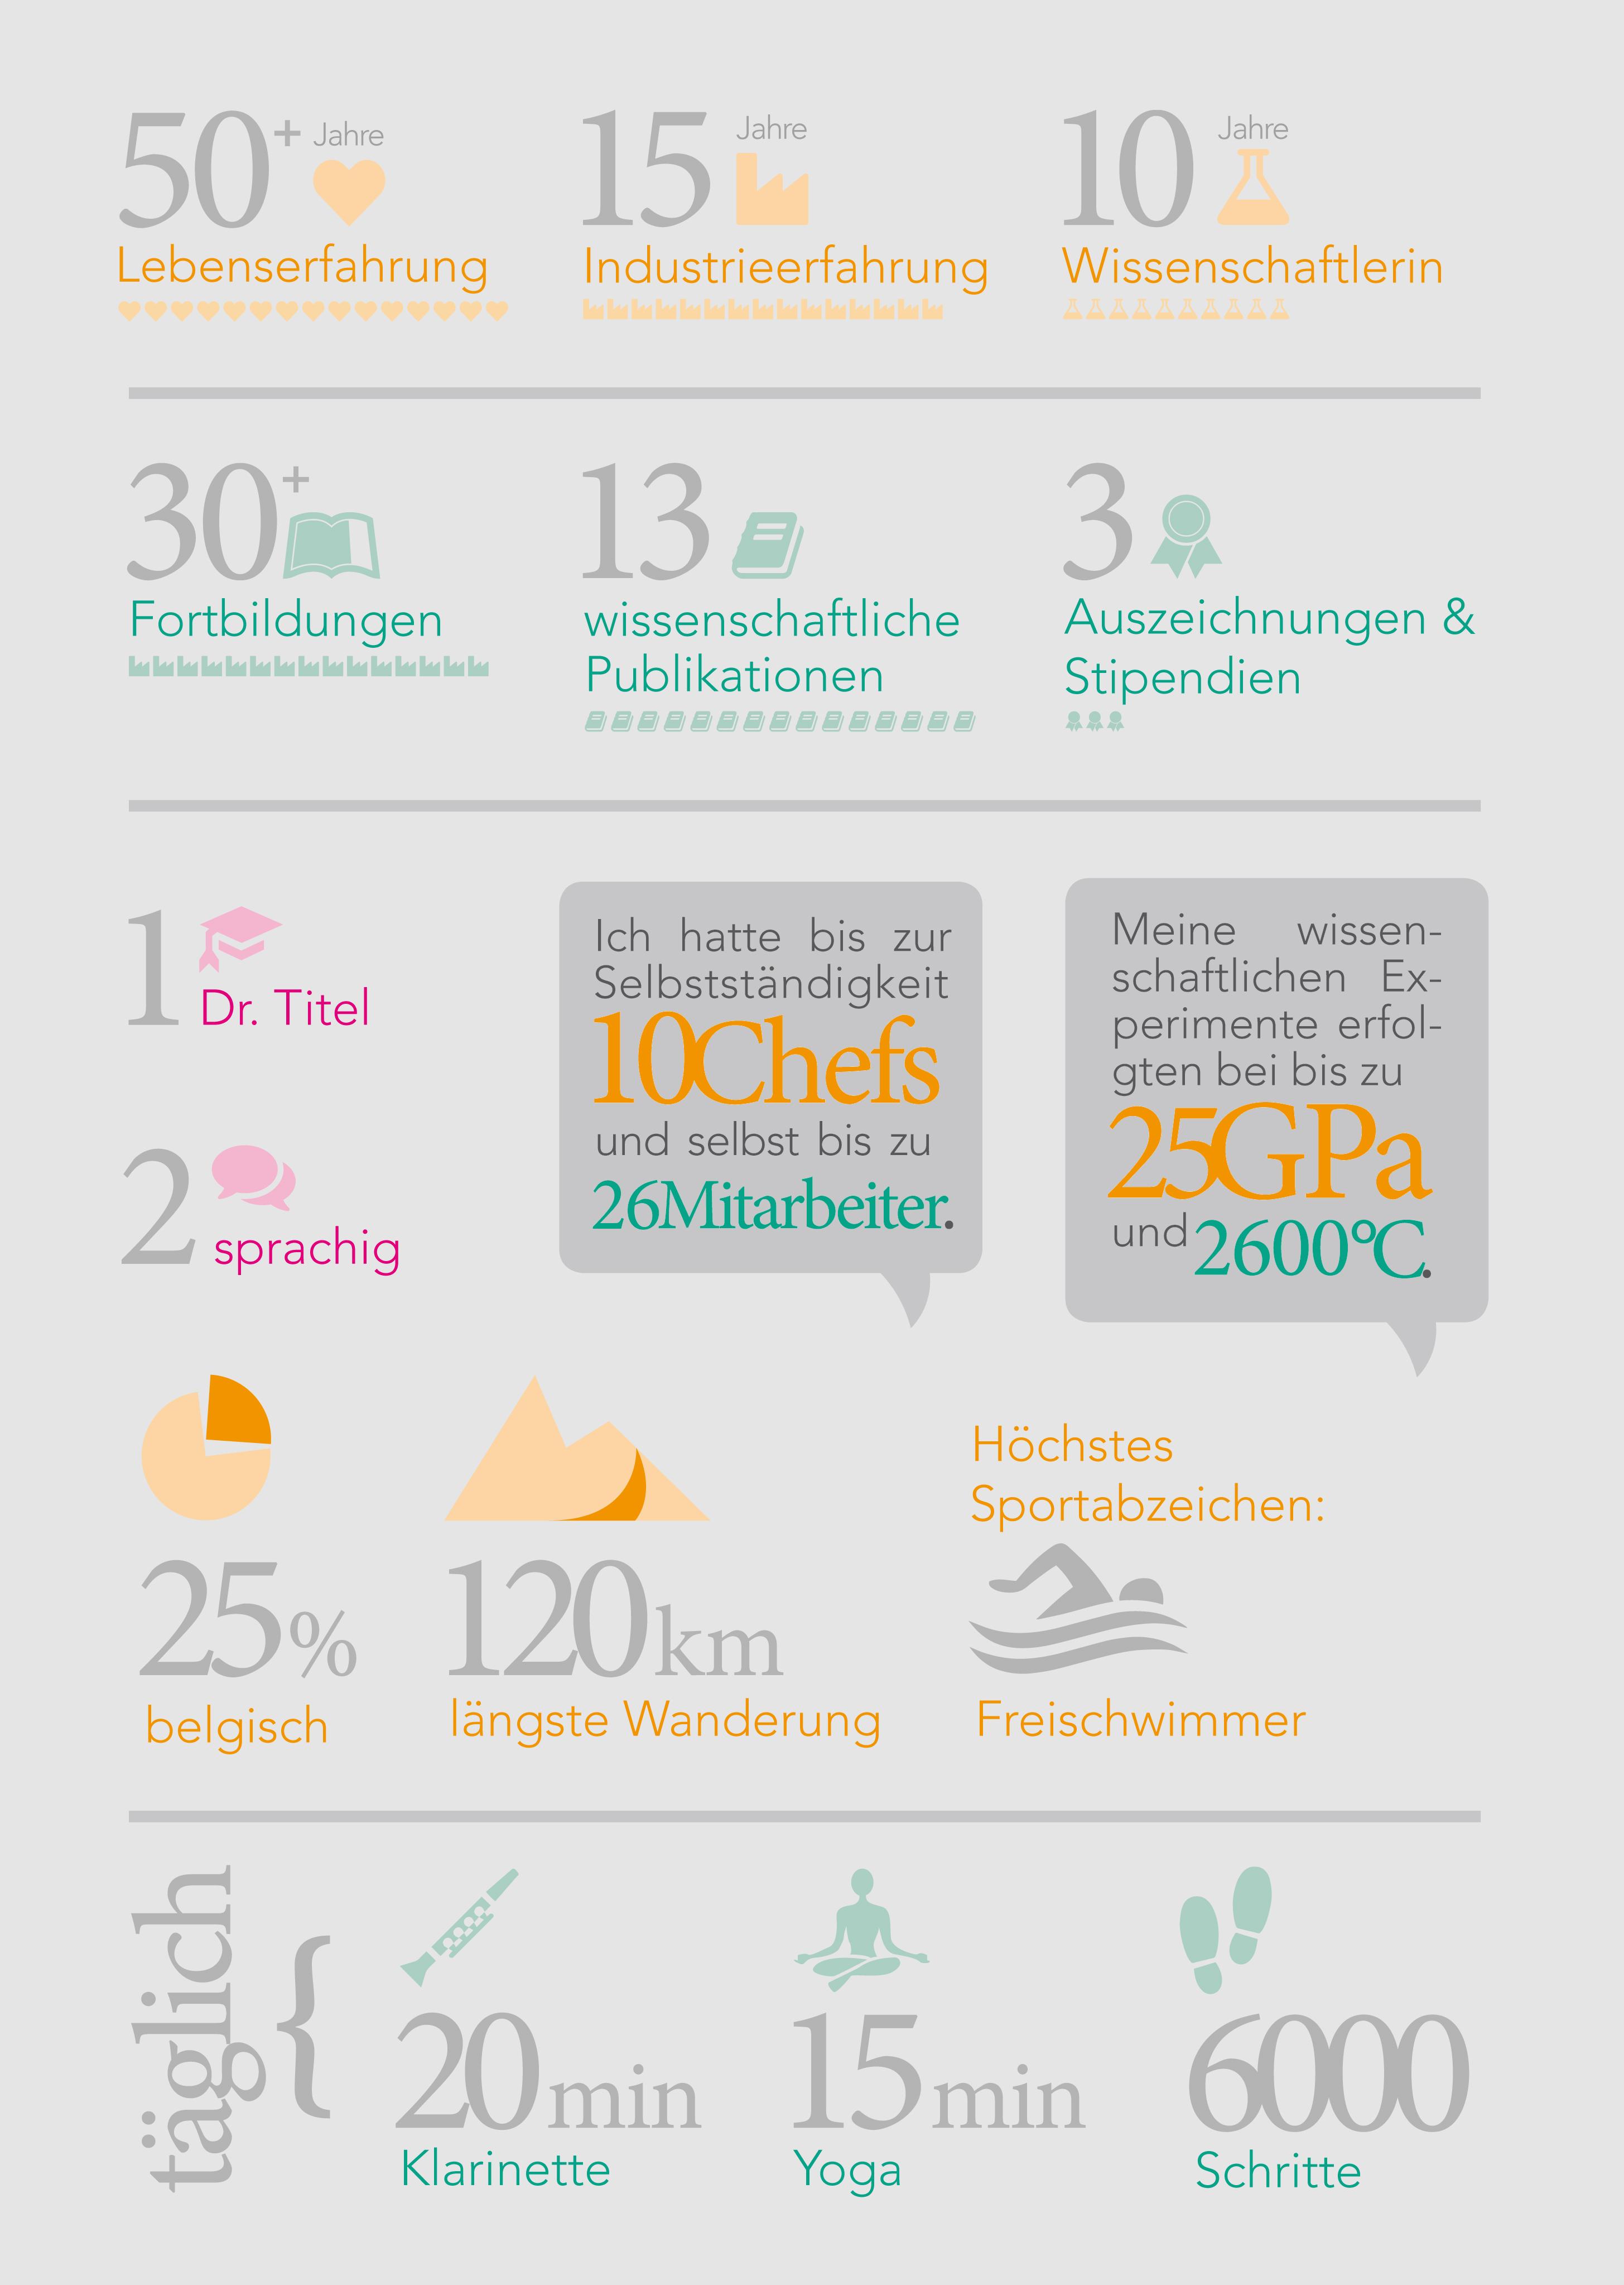 Infografik, Zahlen zu Werdegang und Qualifizierung von Frau Gessmann, z.B. 15 Jahre Industrieerfahrung, 10 Jahre Wissenschaftlerin, 30+ Fortbildungen